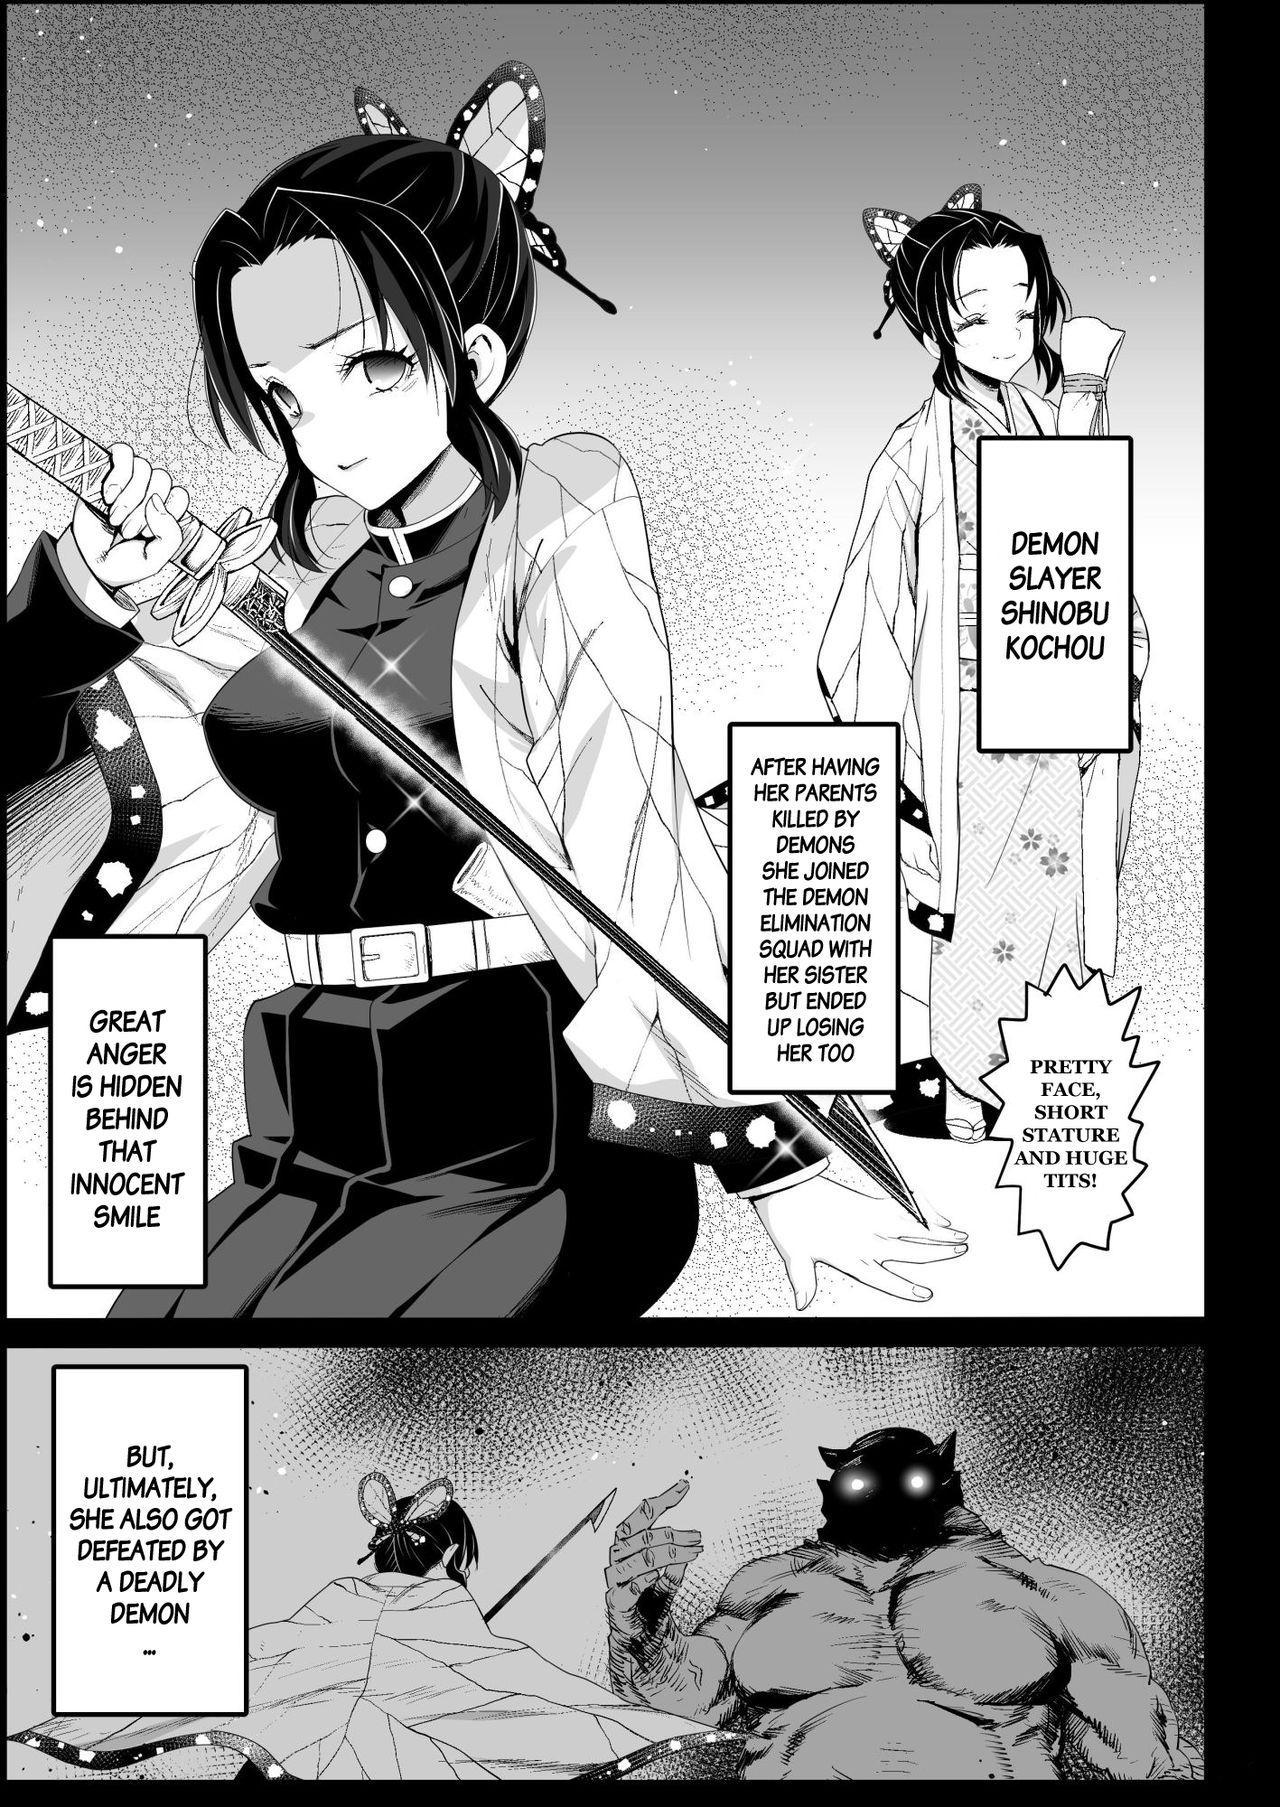 [Eromazun (Ma-kurou)] Kochou Shinobu Kan ~Neteiru Aida ni Ossan Oni ni Okasareru~ - RAPE OF DEMON SLAYER 2 (Kimetsu no Yaiba) [English] [MegaFagget] 4